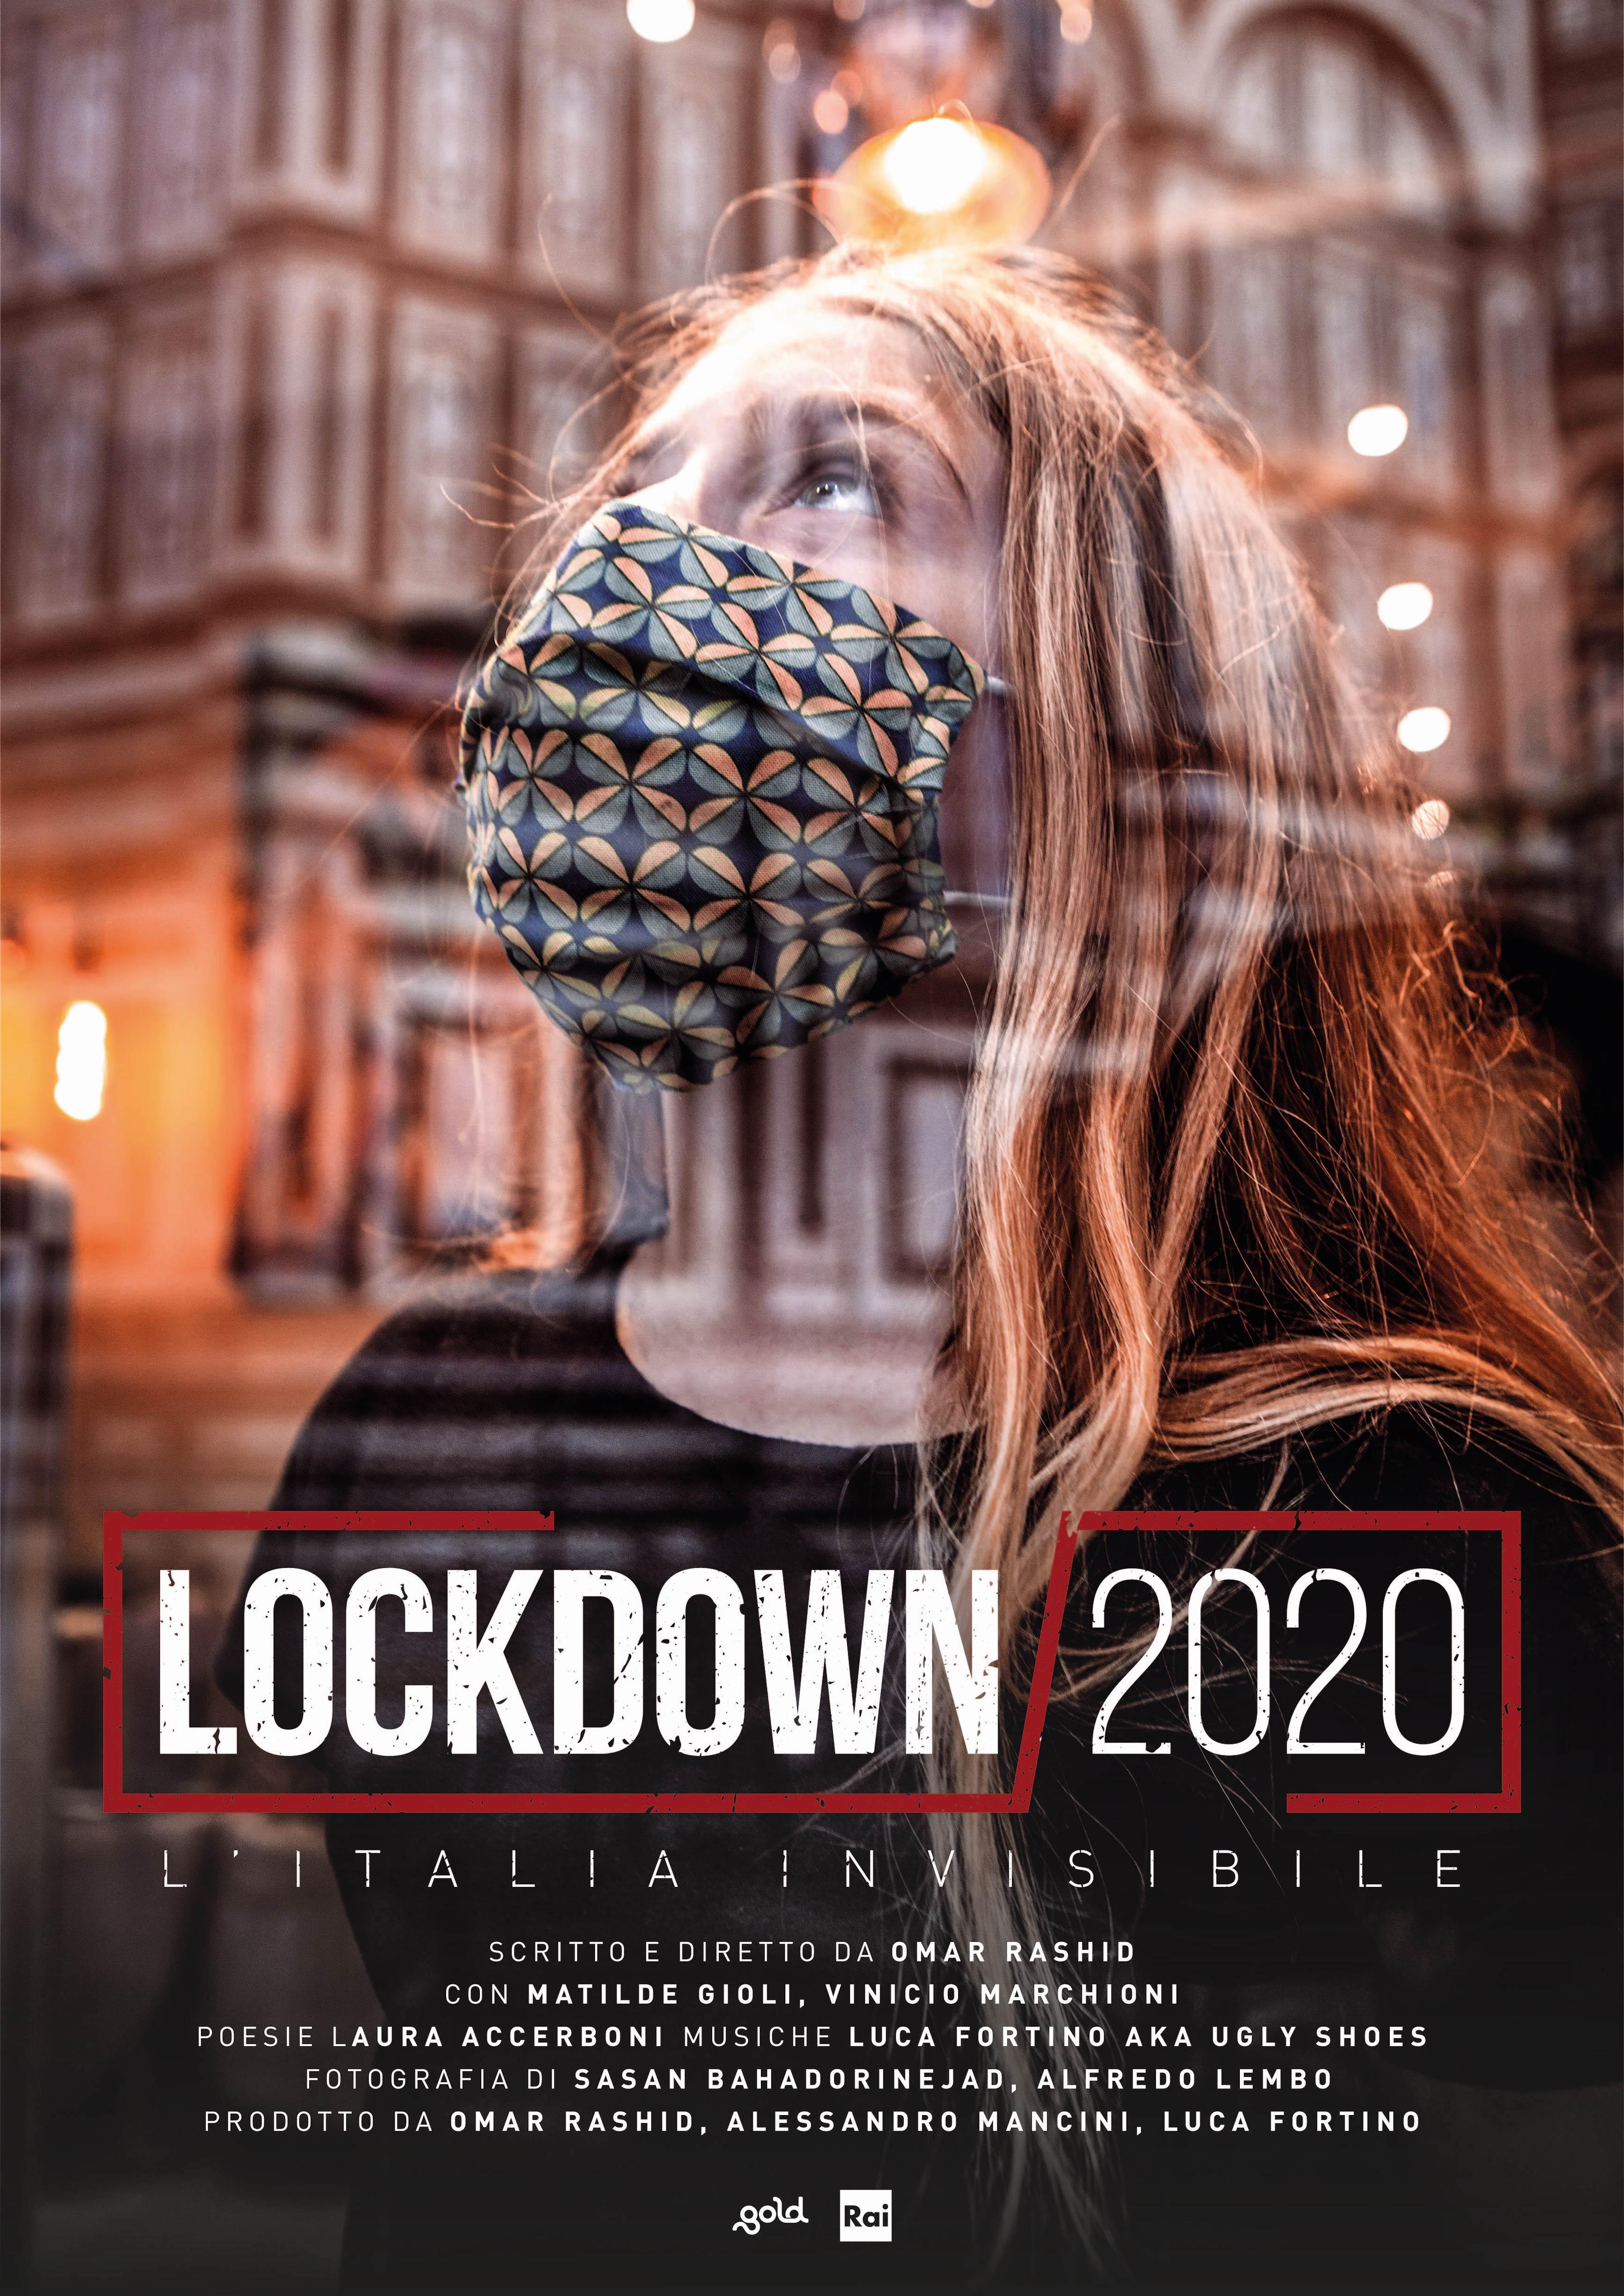 Lockdown2020 locandina